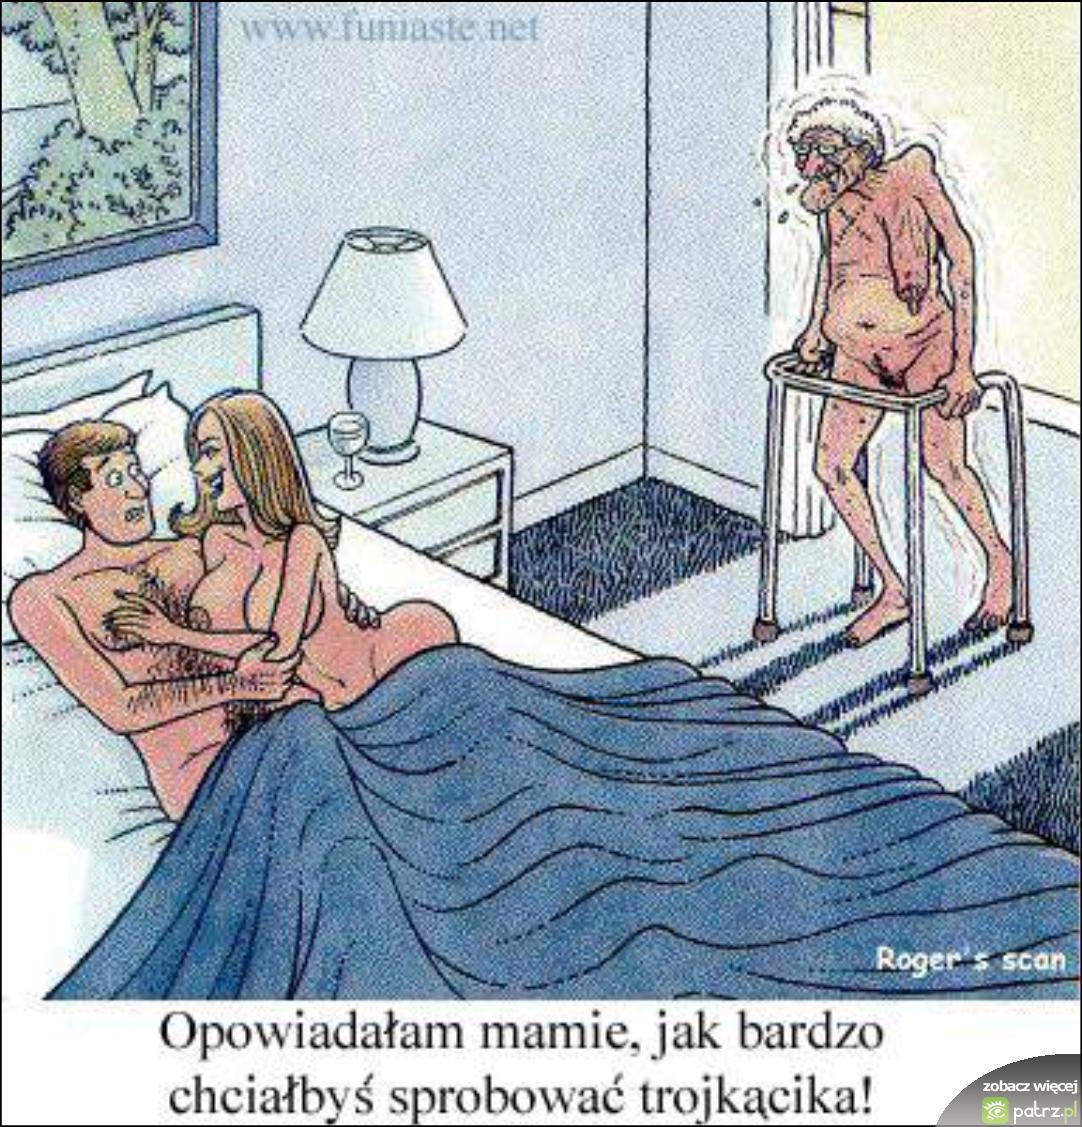 Сексуальная фантазия в прозе 5 фотография